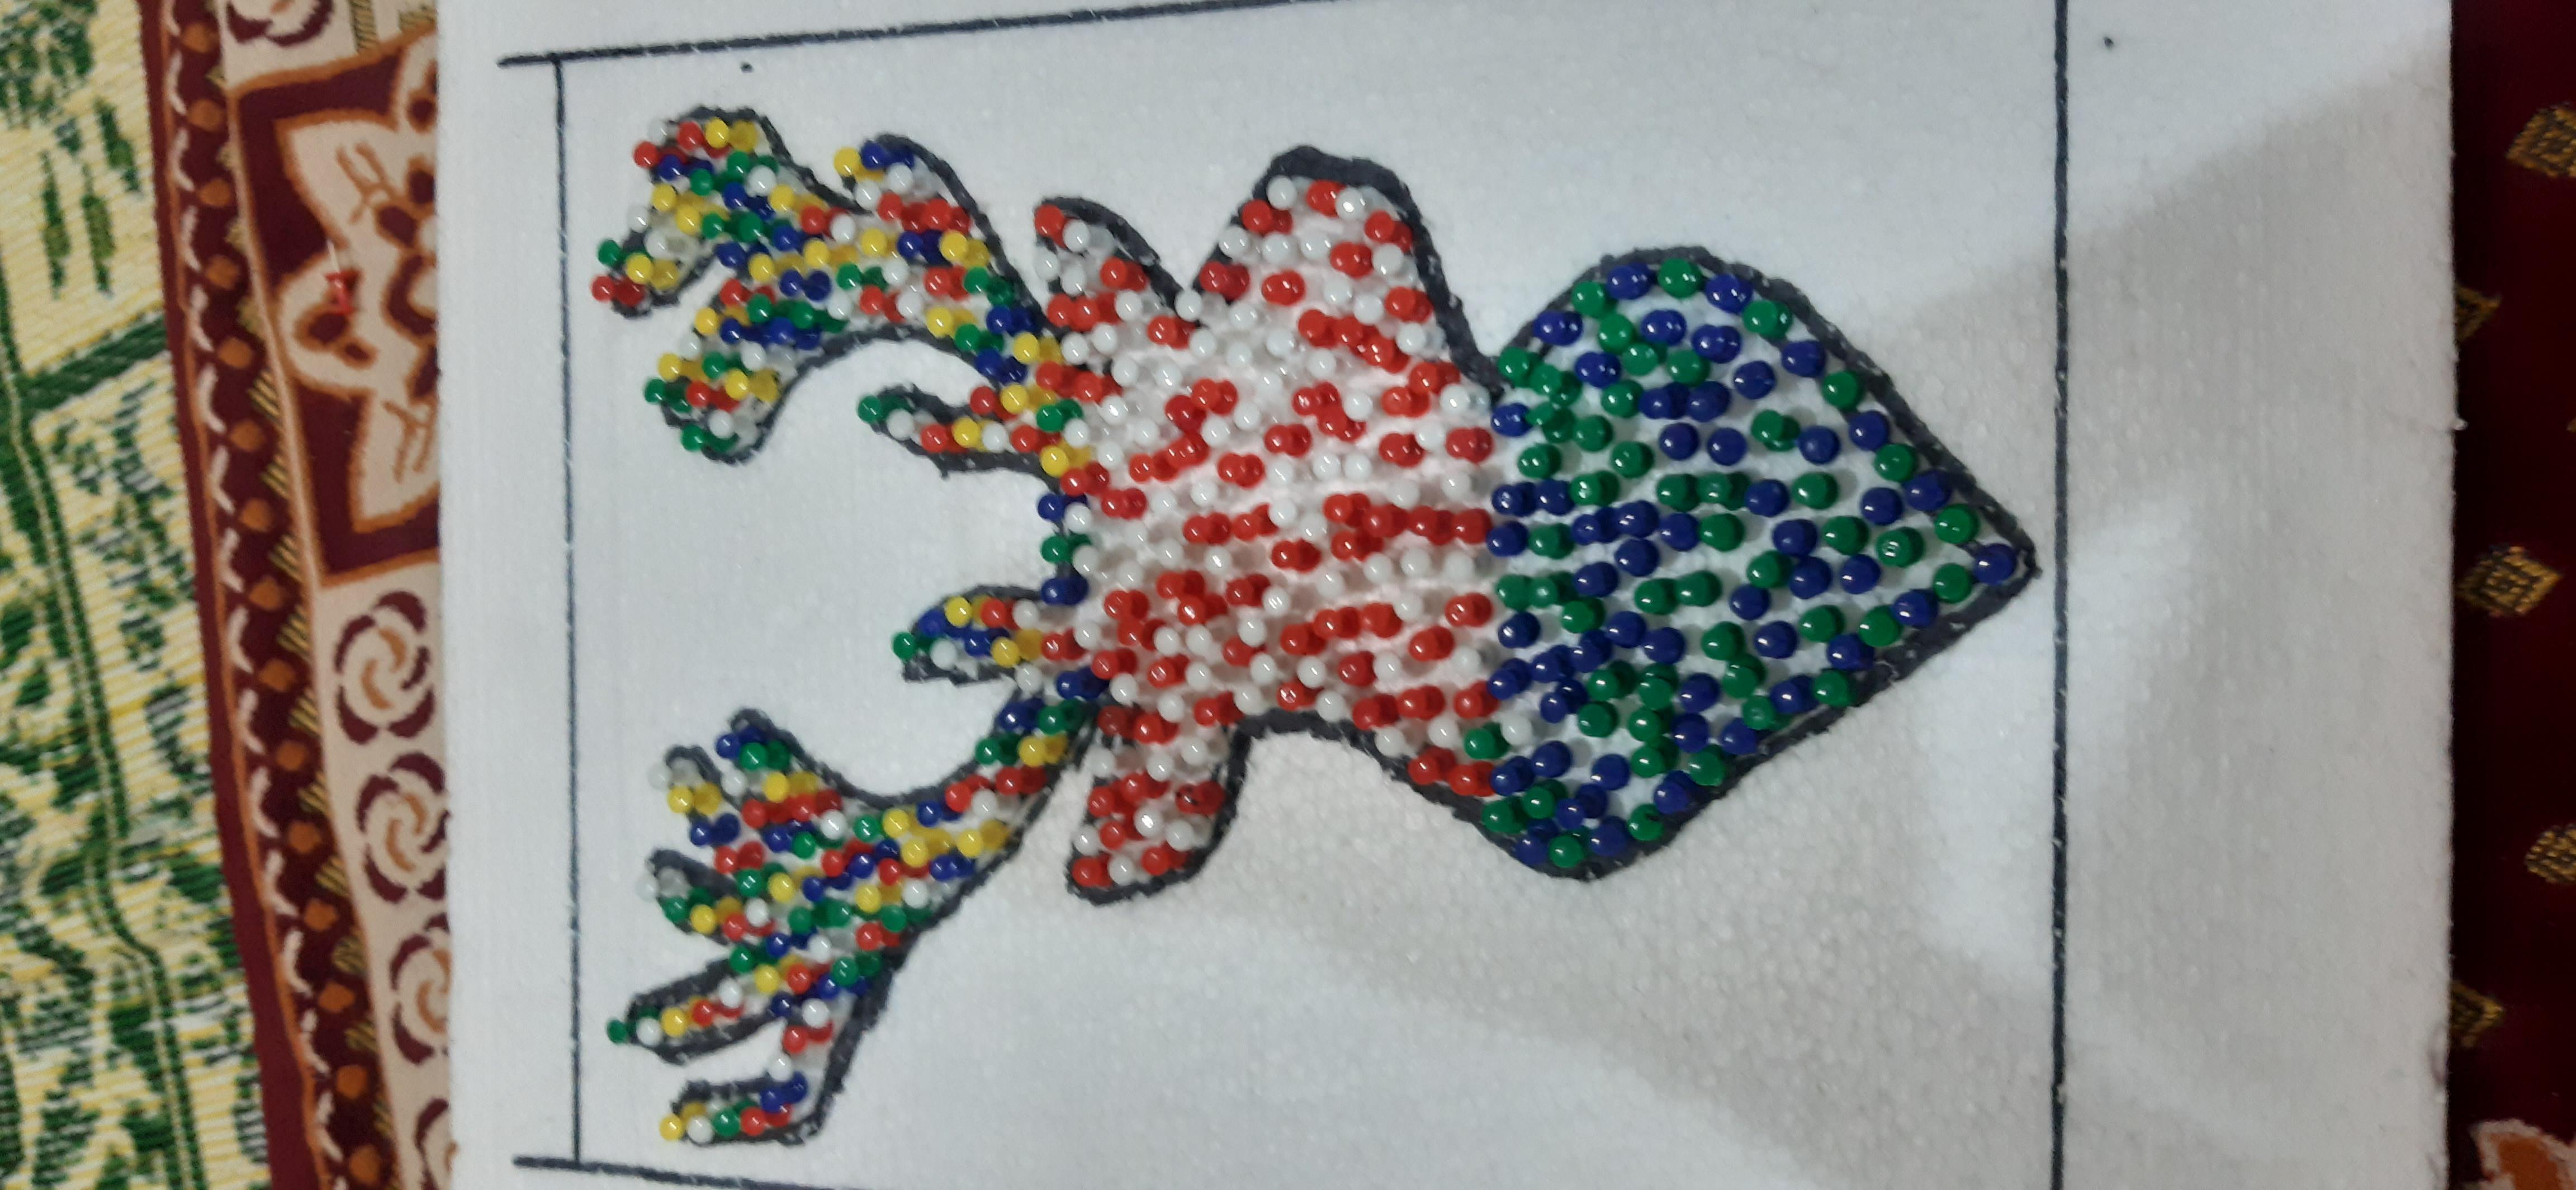 Rainbow raindeer